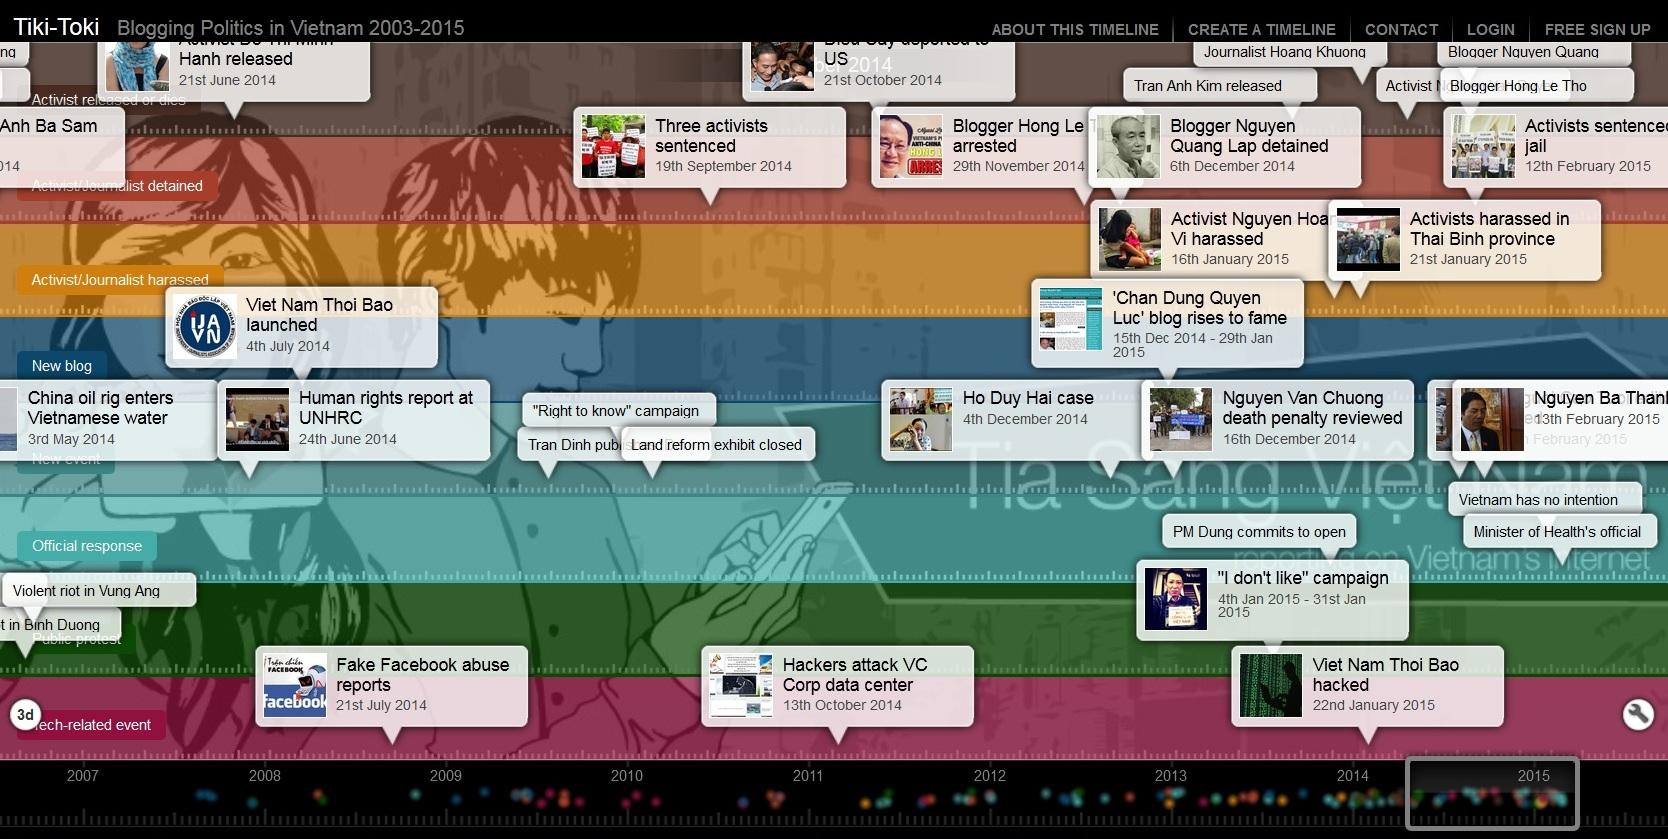 BloggingPoliticsVietnam